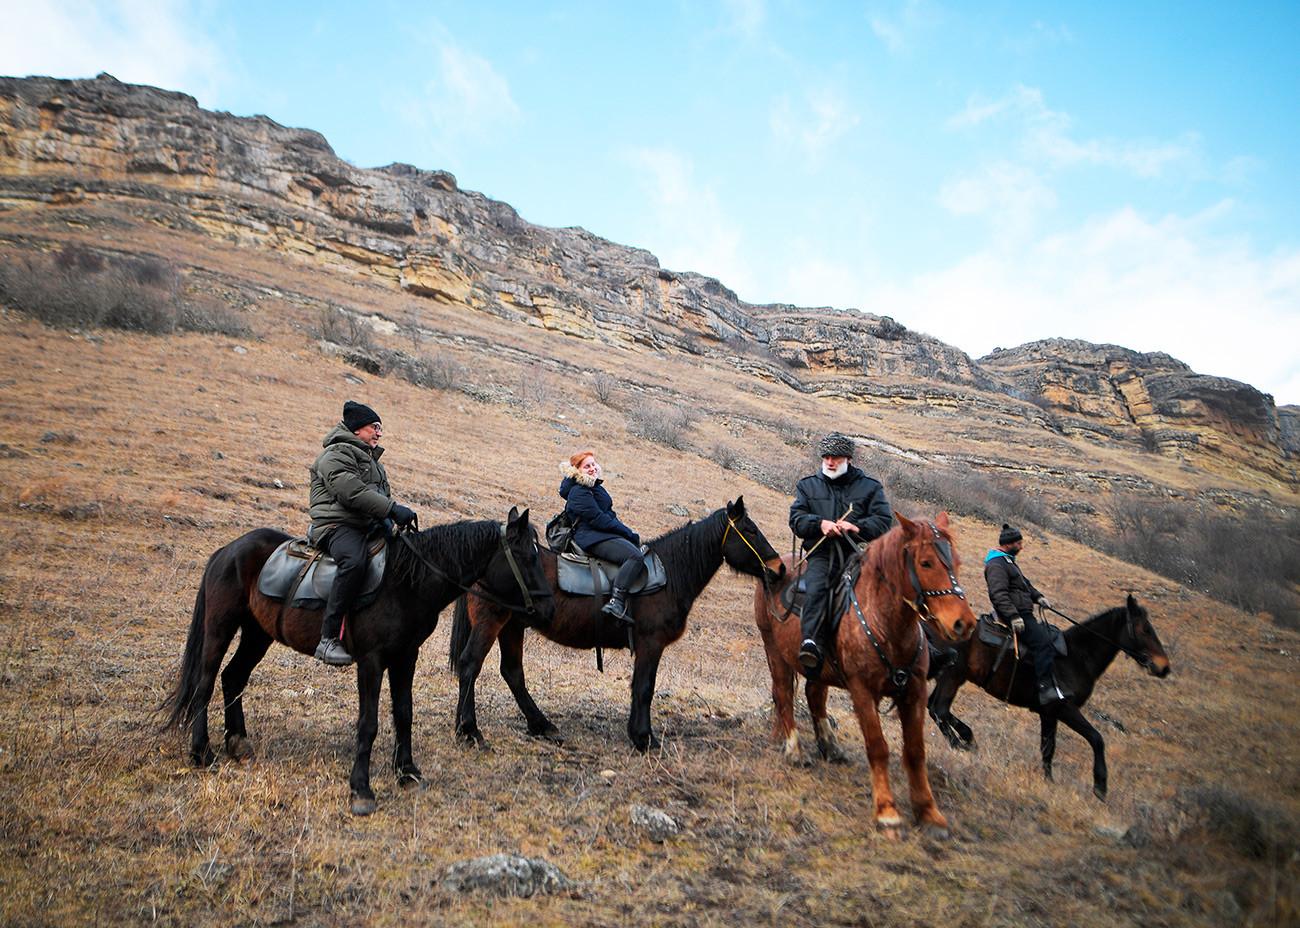 クラースヌィ・クルガン村で乗馬クラブ「グン」の馬に乗っている観光客。